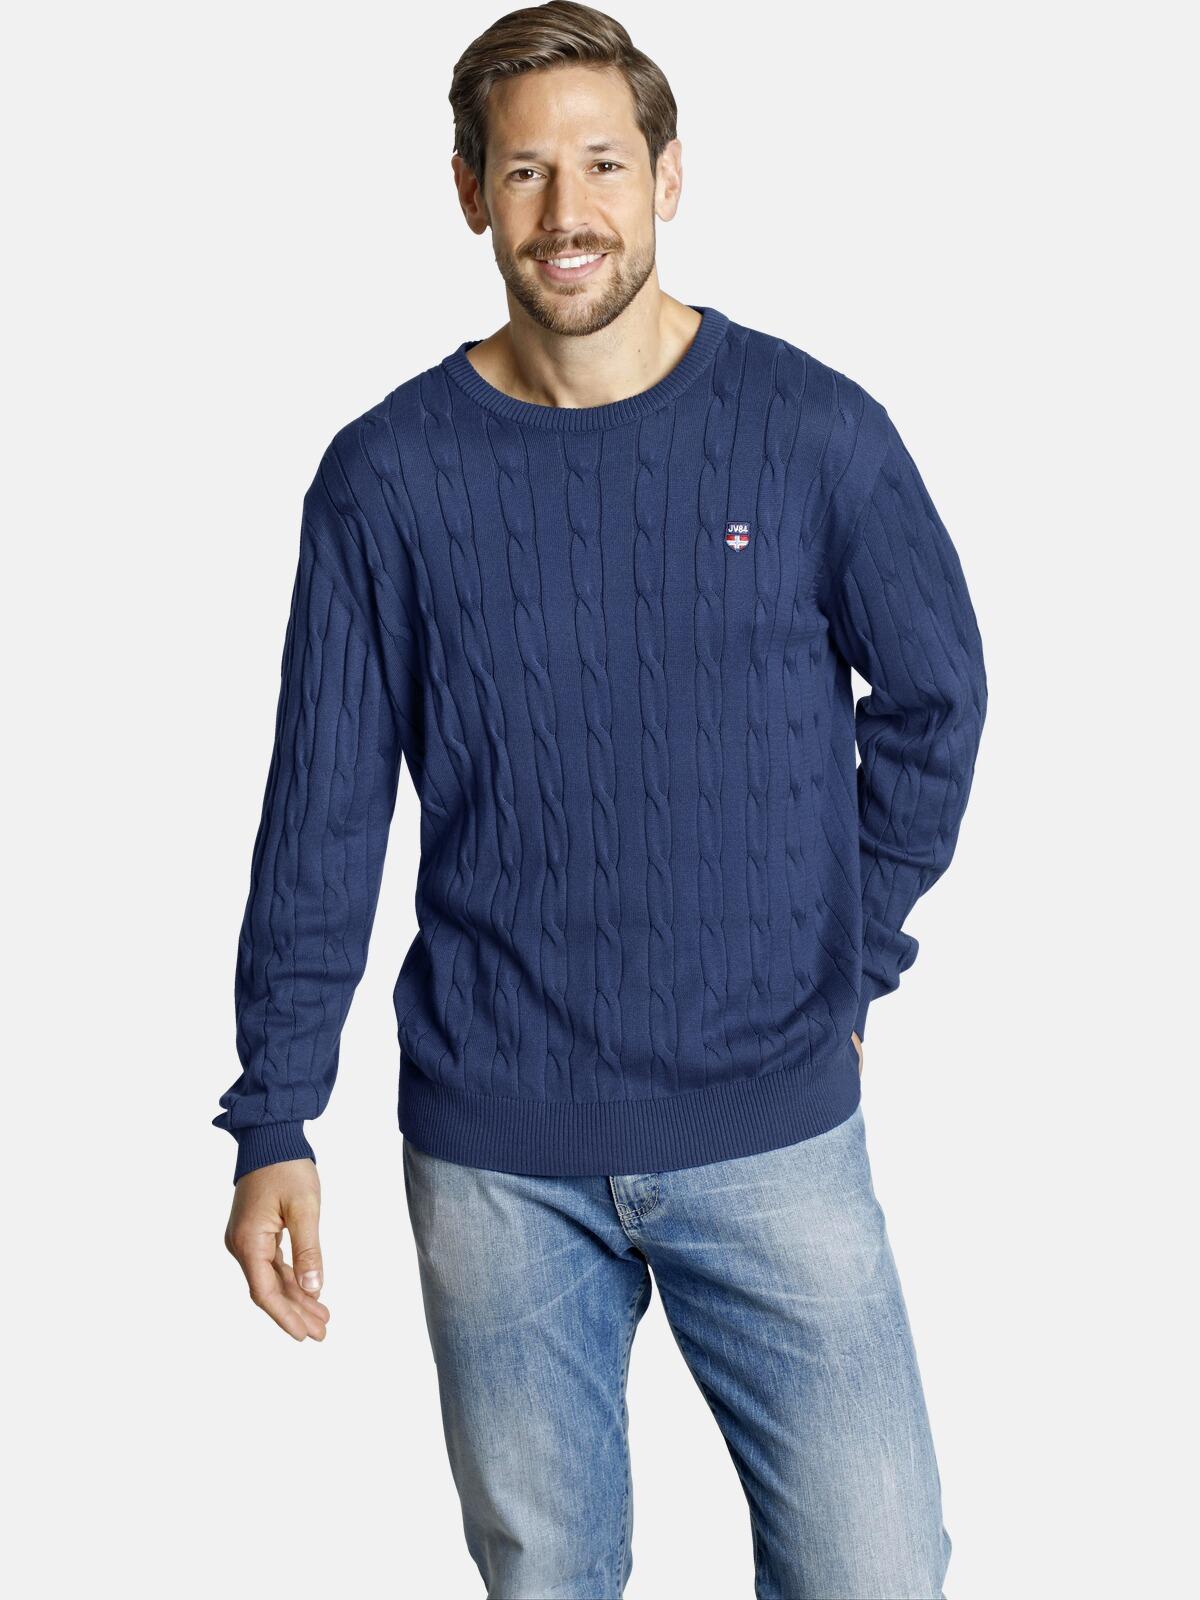 Jan Vanderstorm Rundhalspullover SONNHARD | Bekleidung > Pullover > Rundhalspullover | Blau | Jan Vanderstorm